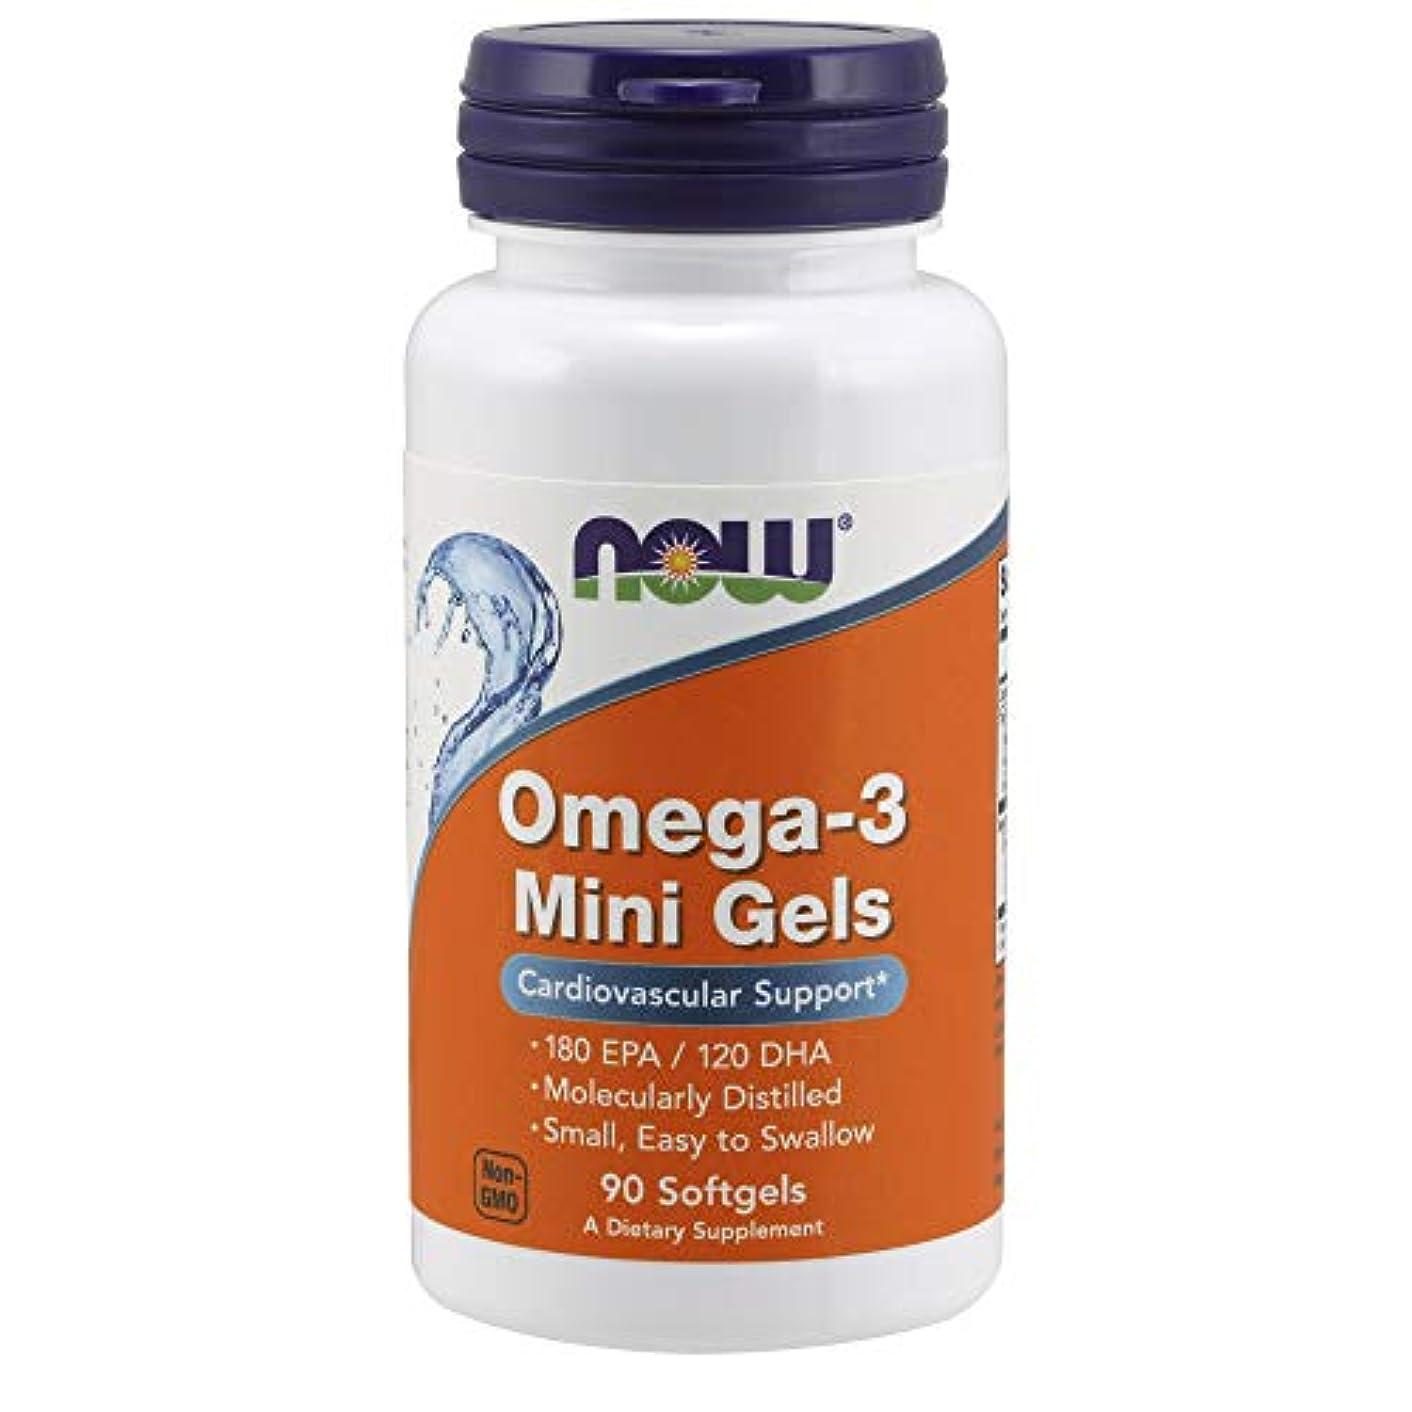 相関するプーノ[海外直送品] ナウフーズ   Omega-3 Mini Gels 90 softgels 500 mg